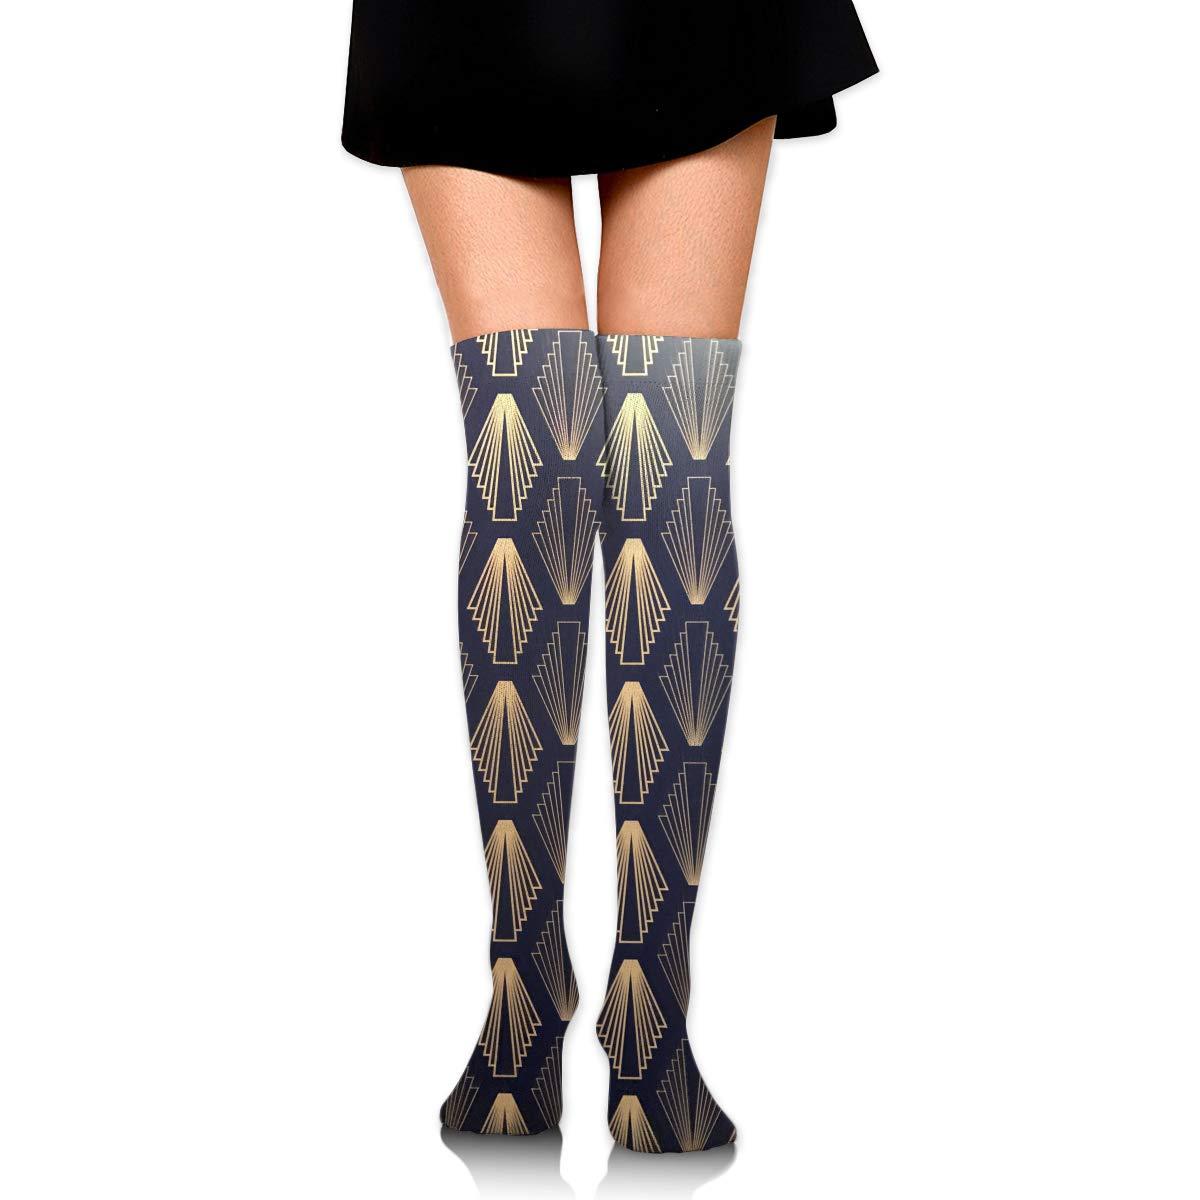 High Elasticity Girl Cotton Knee High Socks Uniform Shape Women Tube Socks